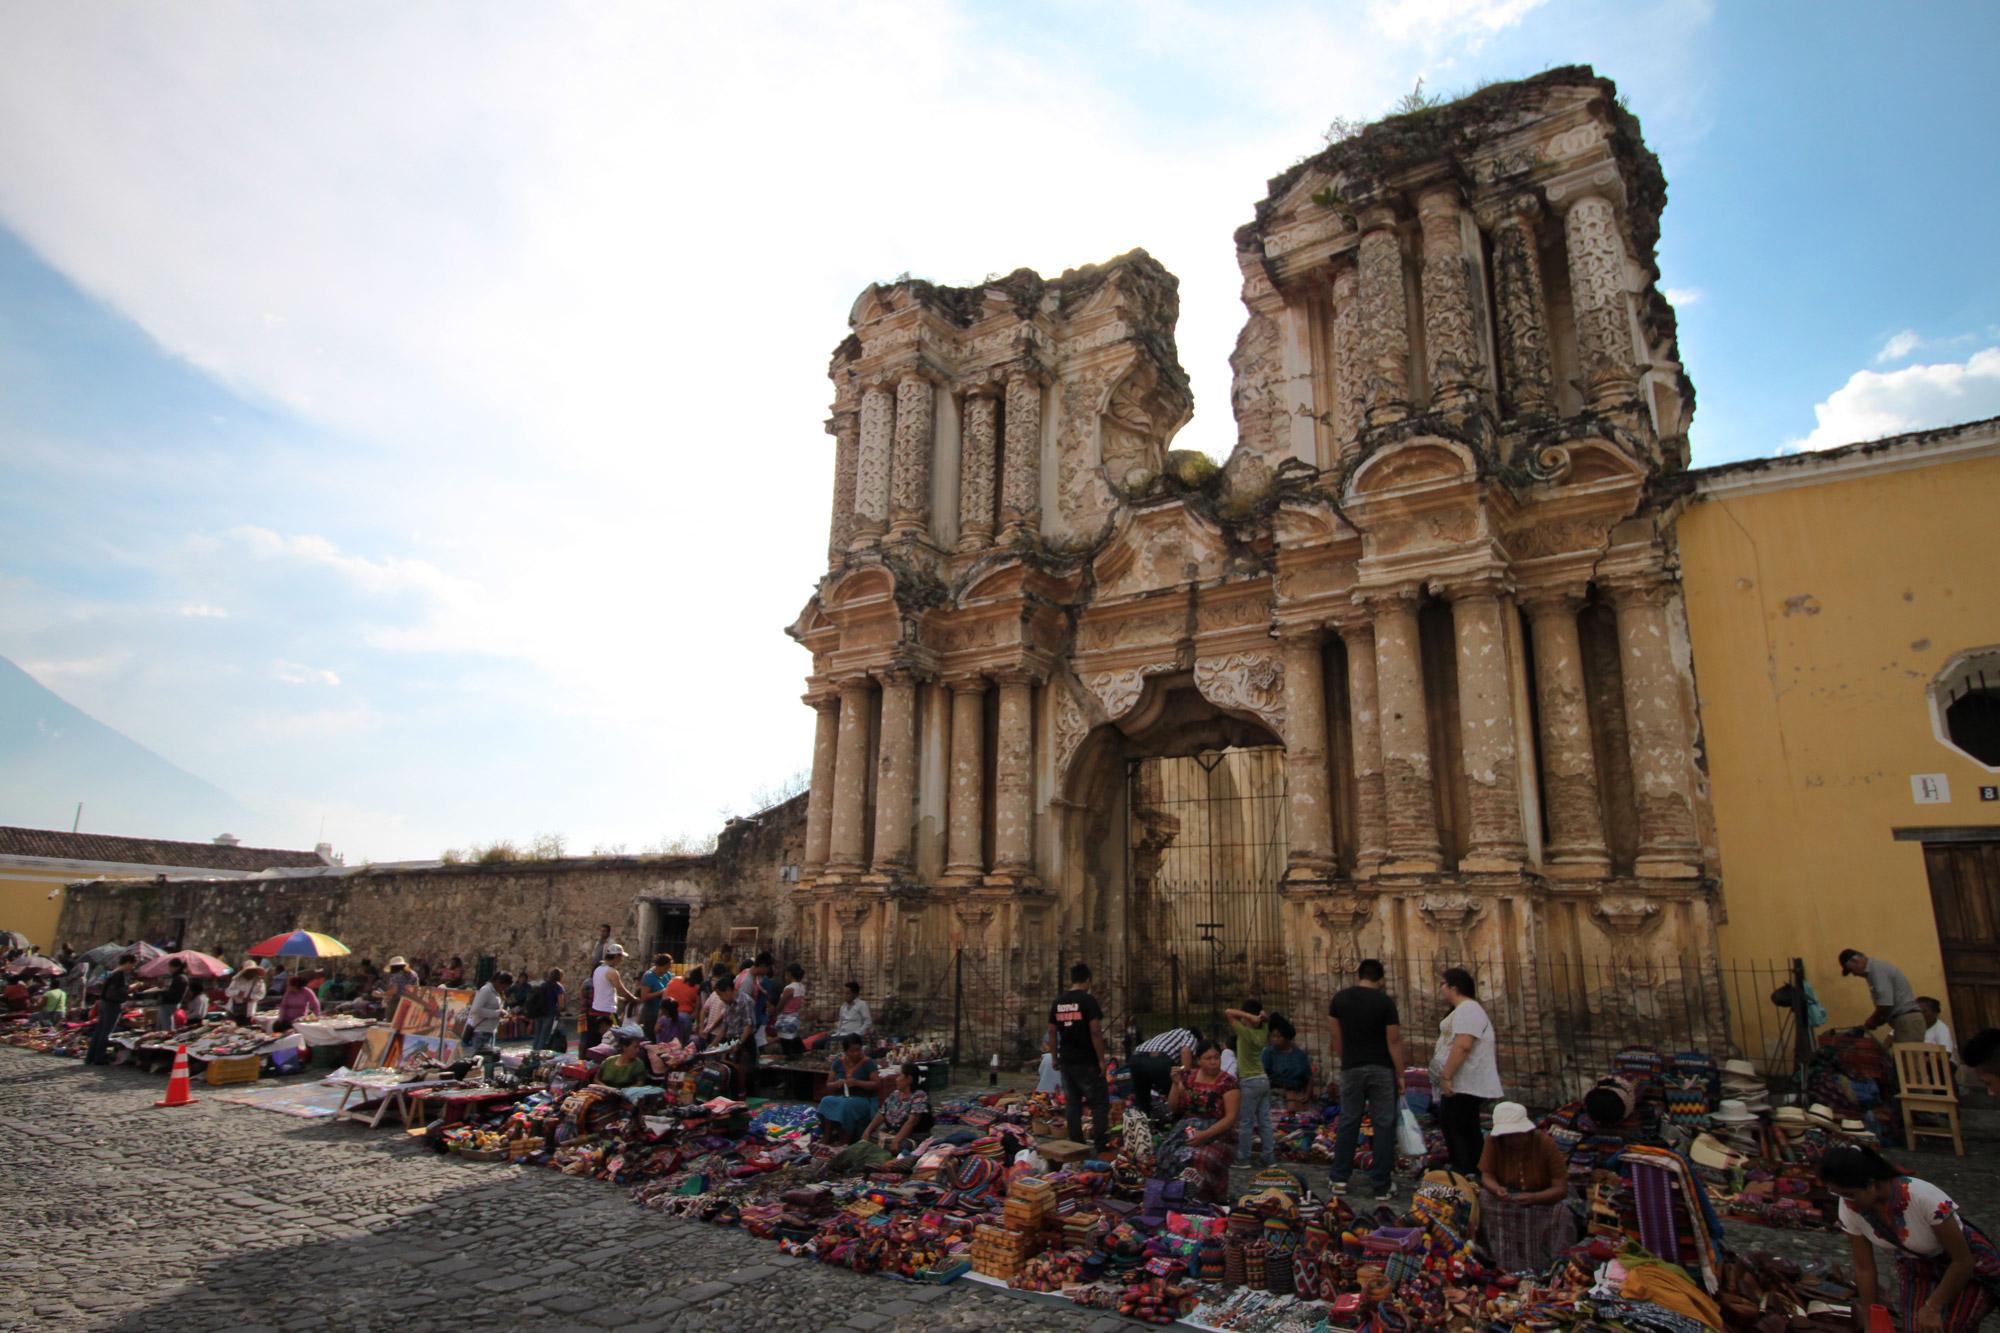 De ruïnes van Antigua - Iglesia de Nuestra Señora del Carmen